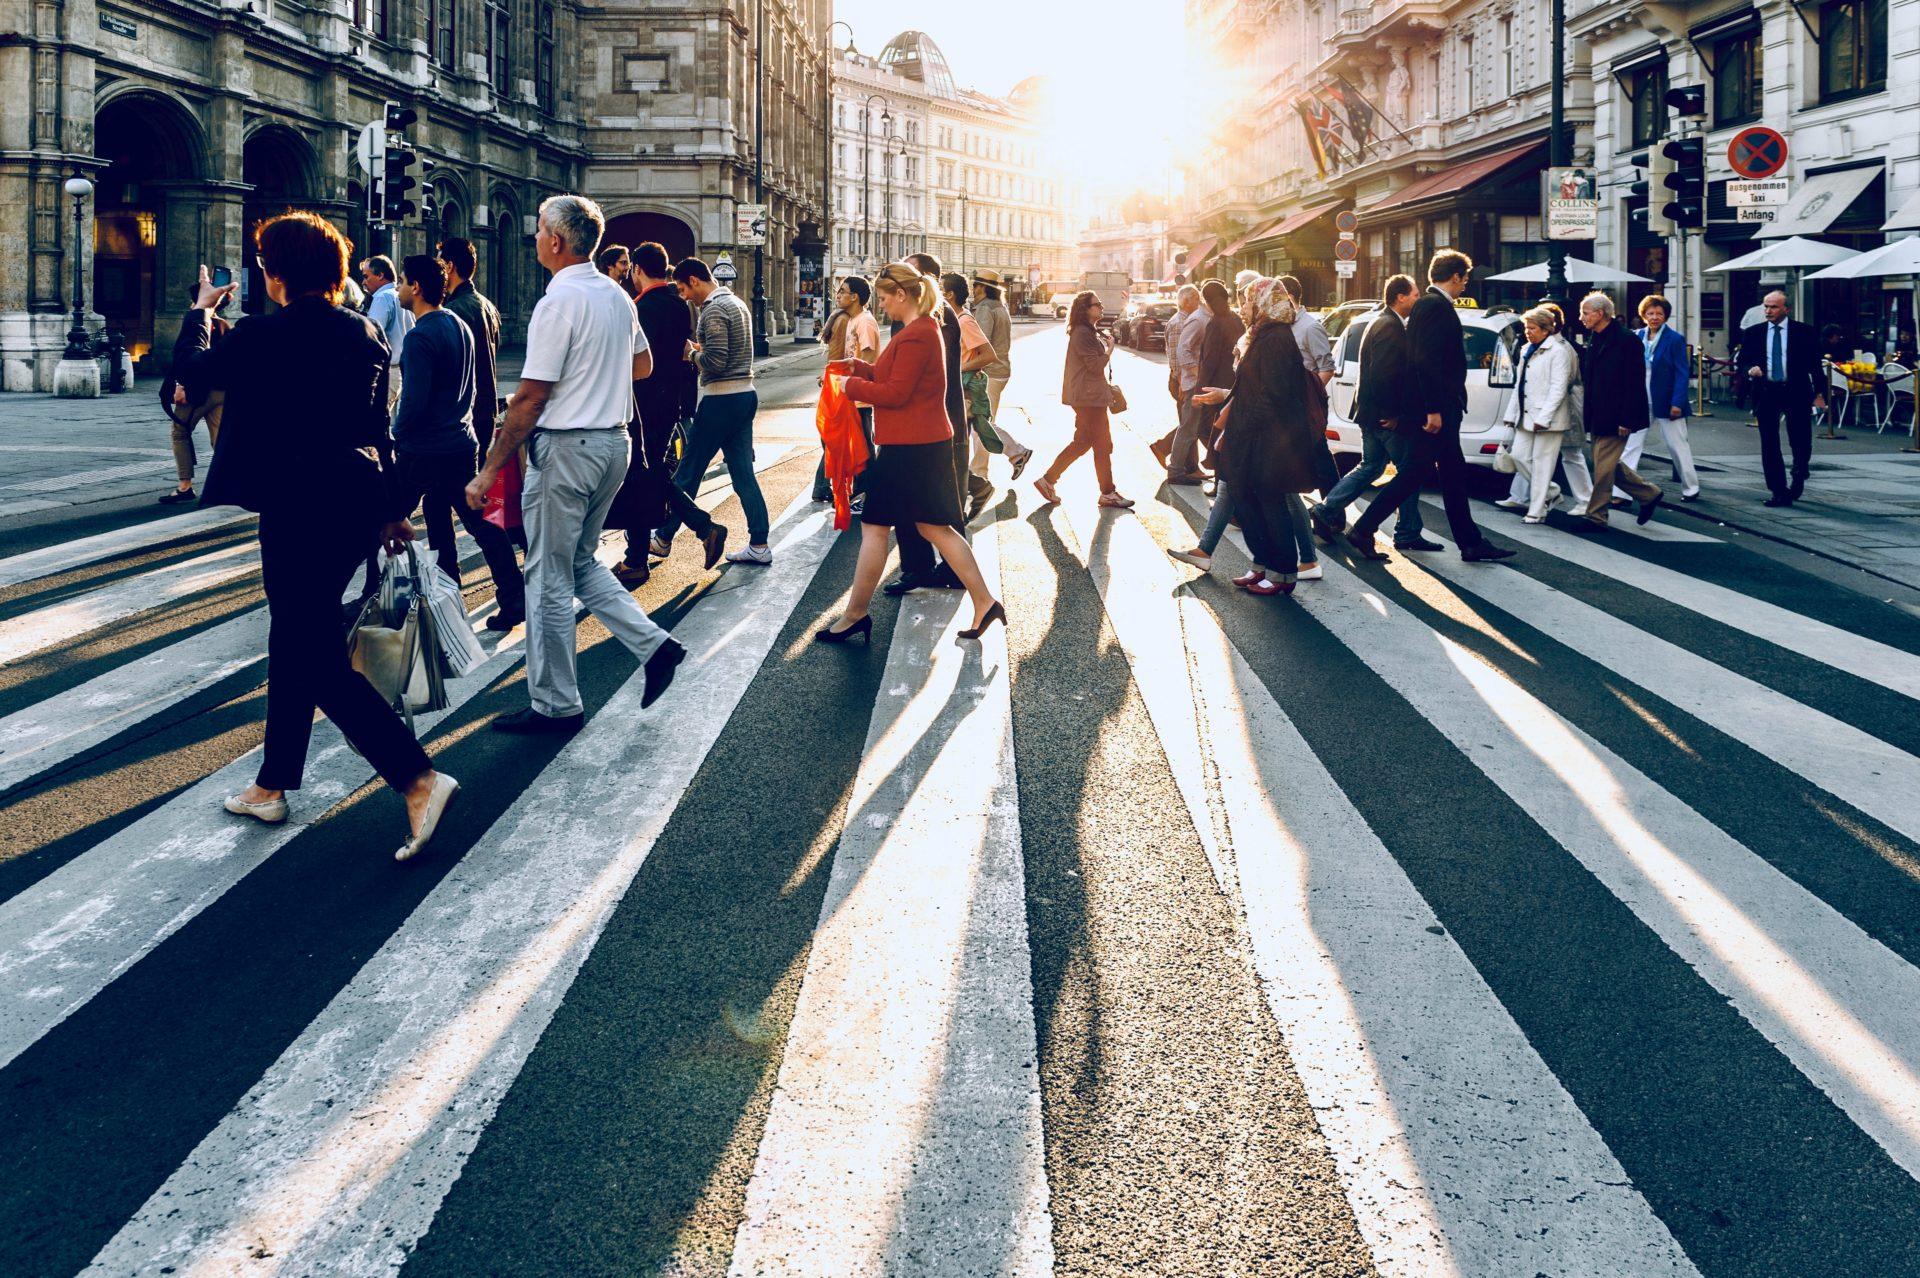 Aschův test konfirmity: Proč souhlasíme s názory ostatních, i když nesouhlasíme